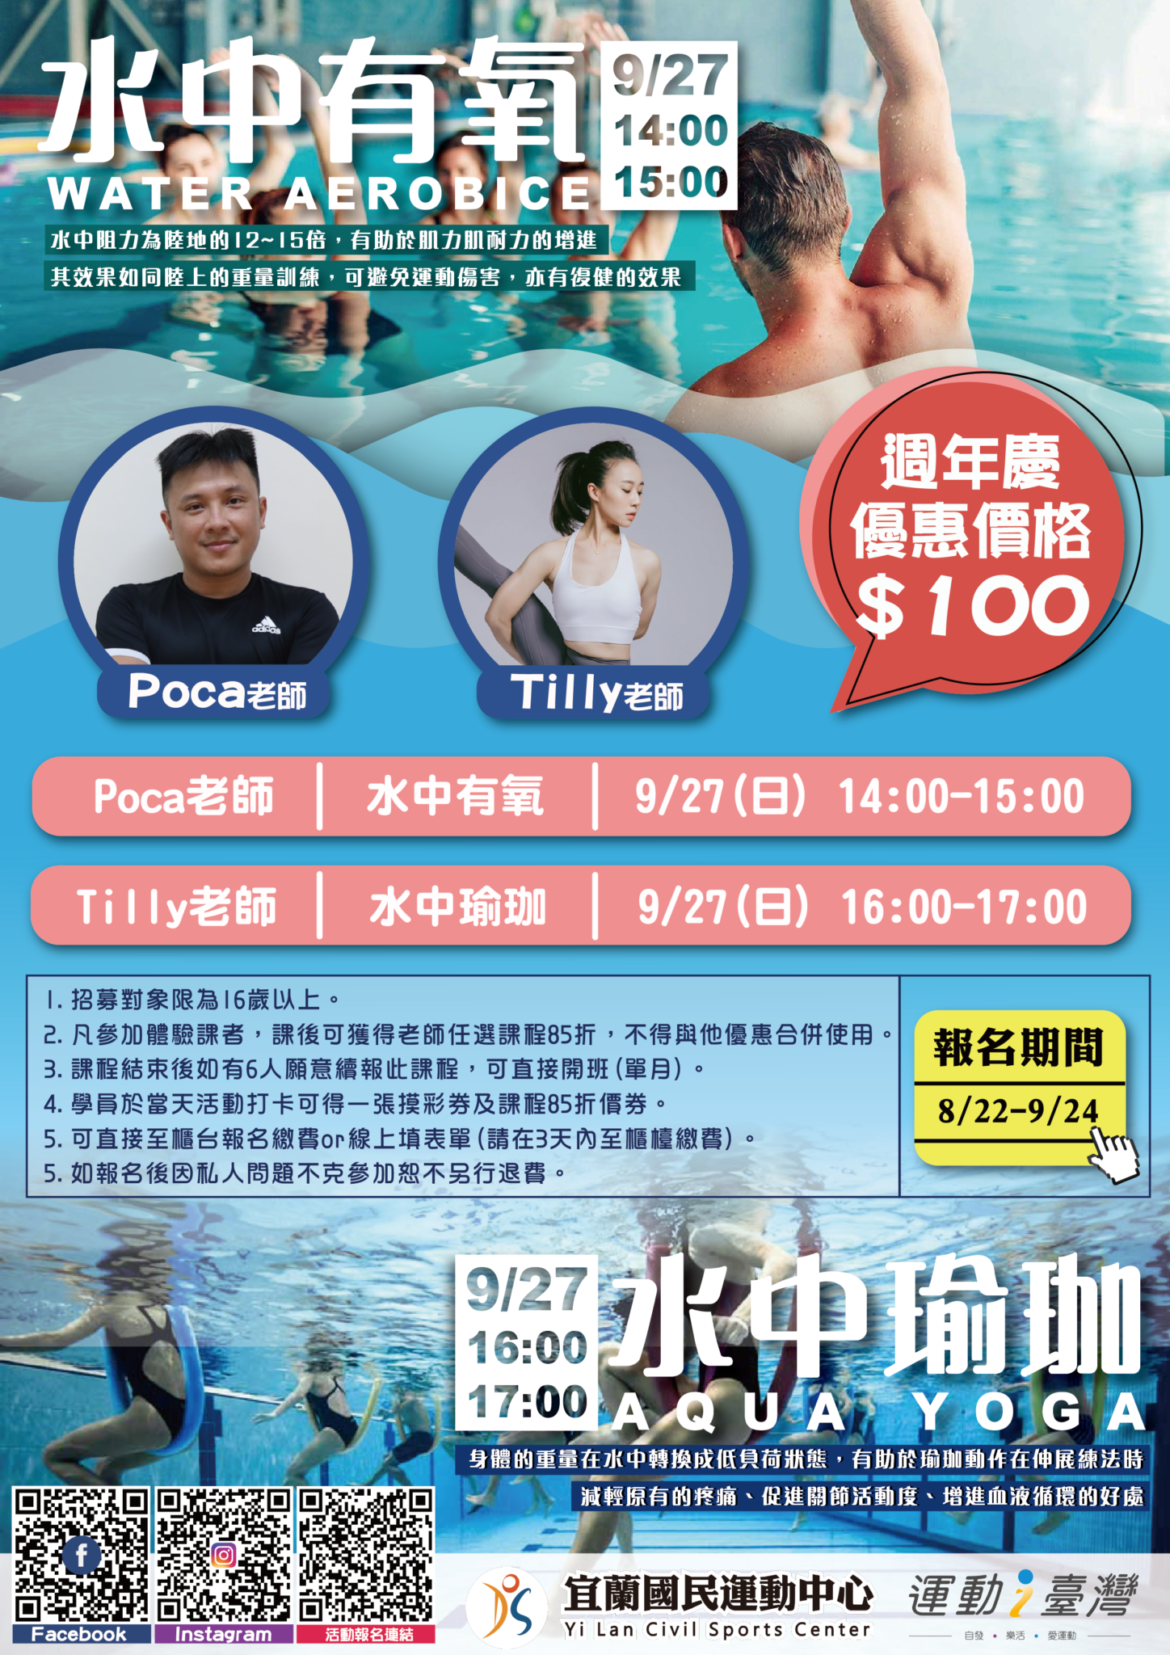 【🎉宜運週年慶—水中體驗趣🏊♀】